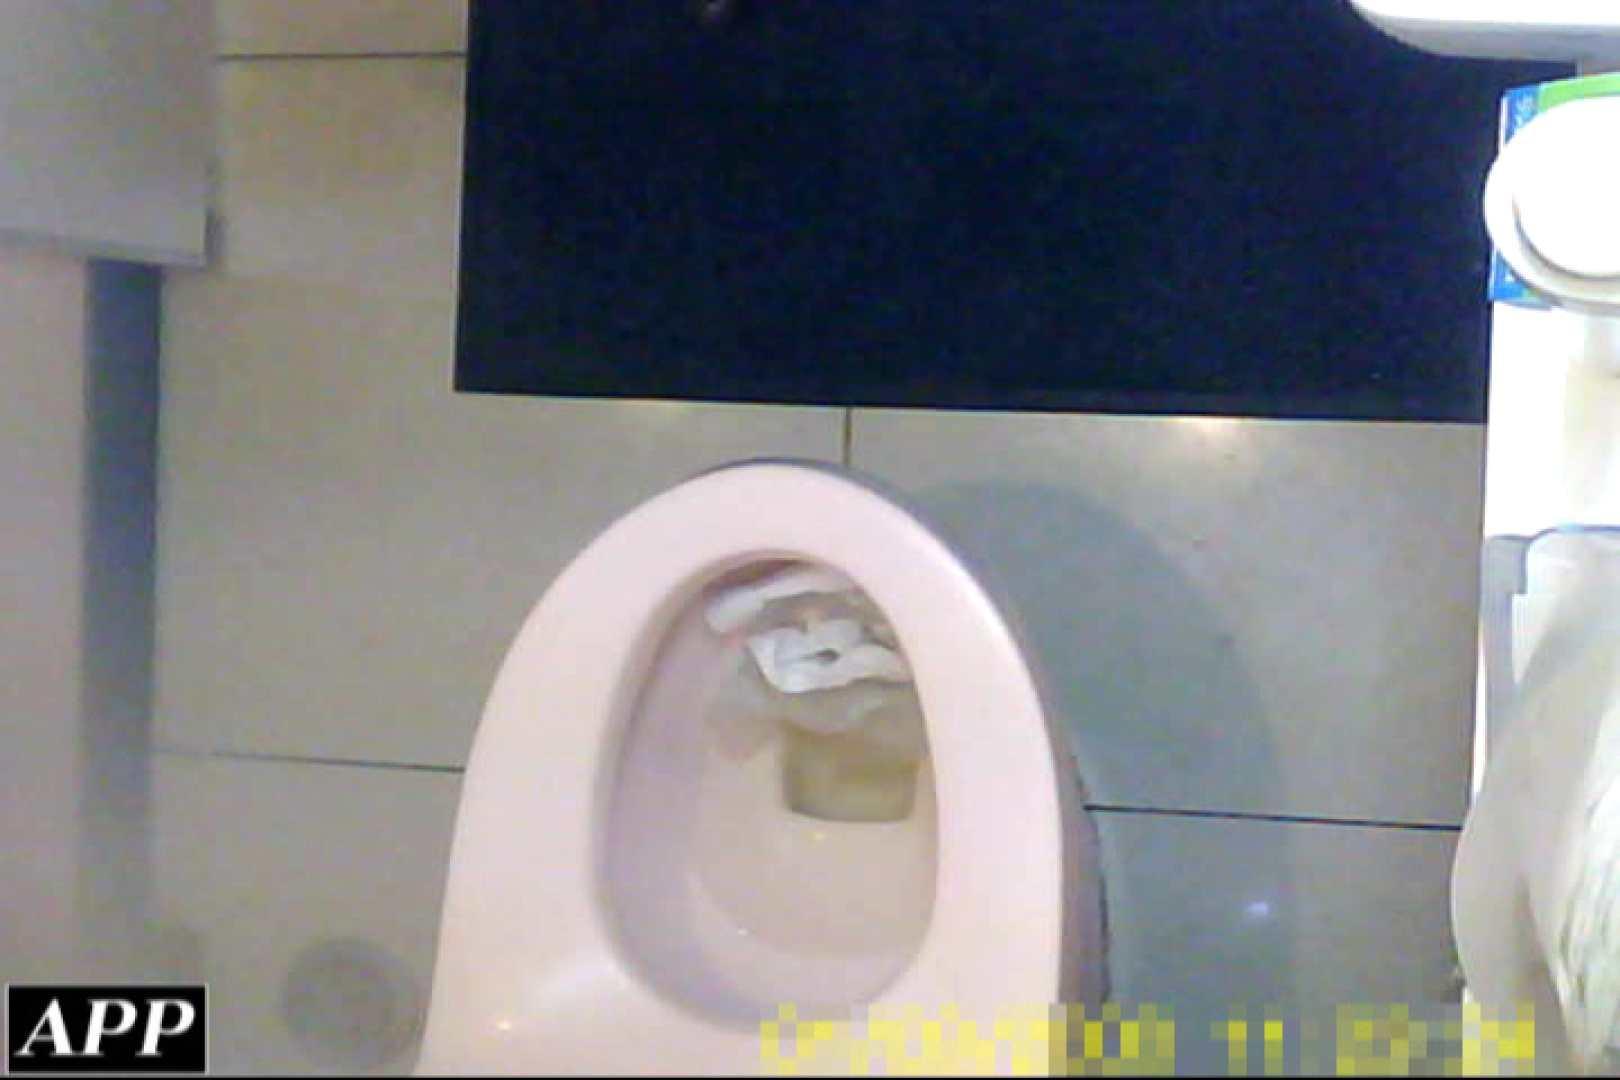 3視点洗面所 vol.05 オマンコ エロ無料画像 74PIX 40